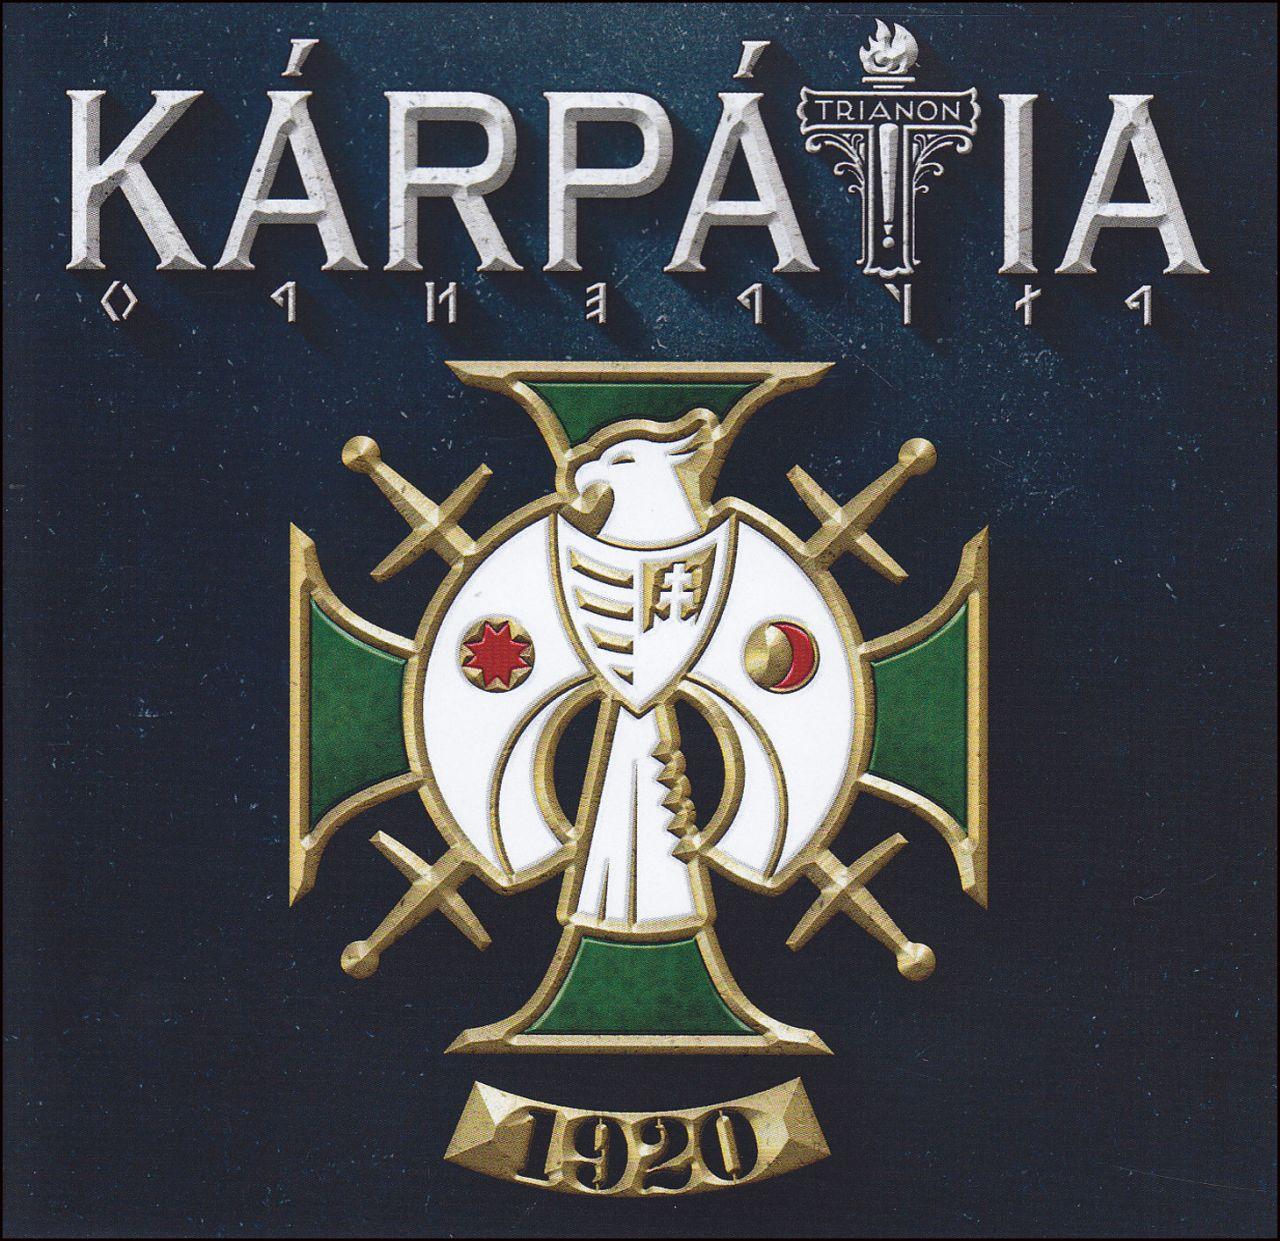 Kárpátia 1920 (CD)